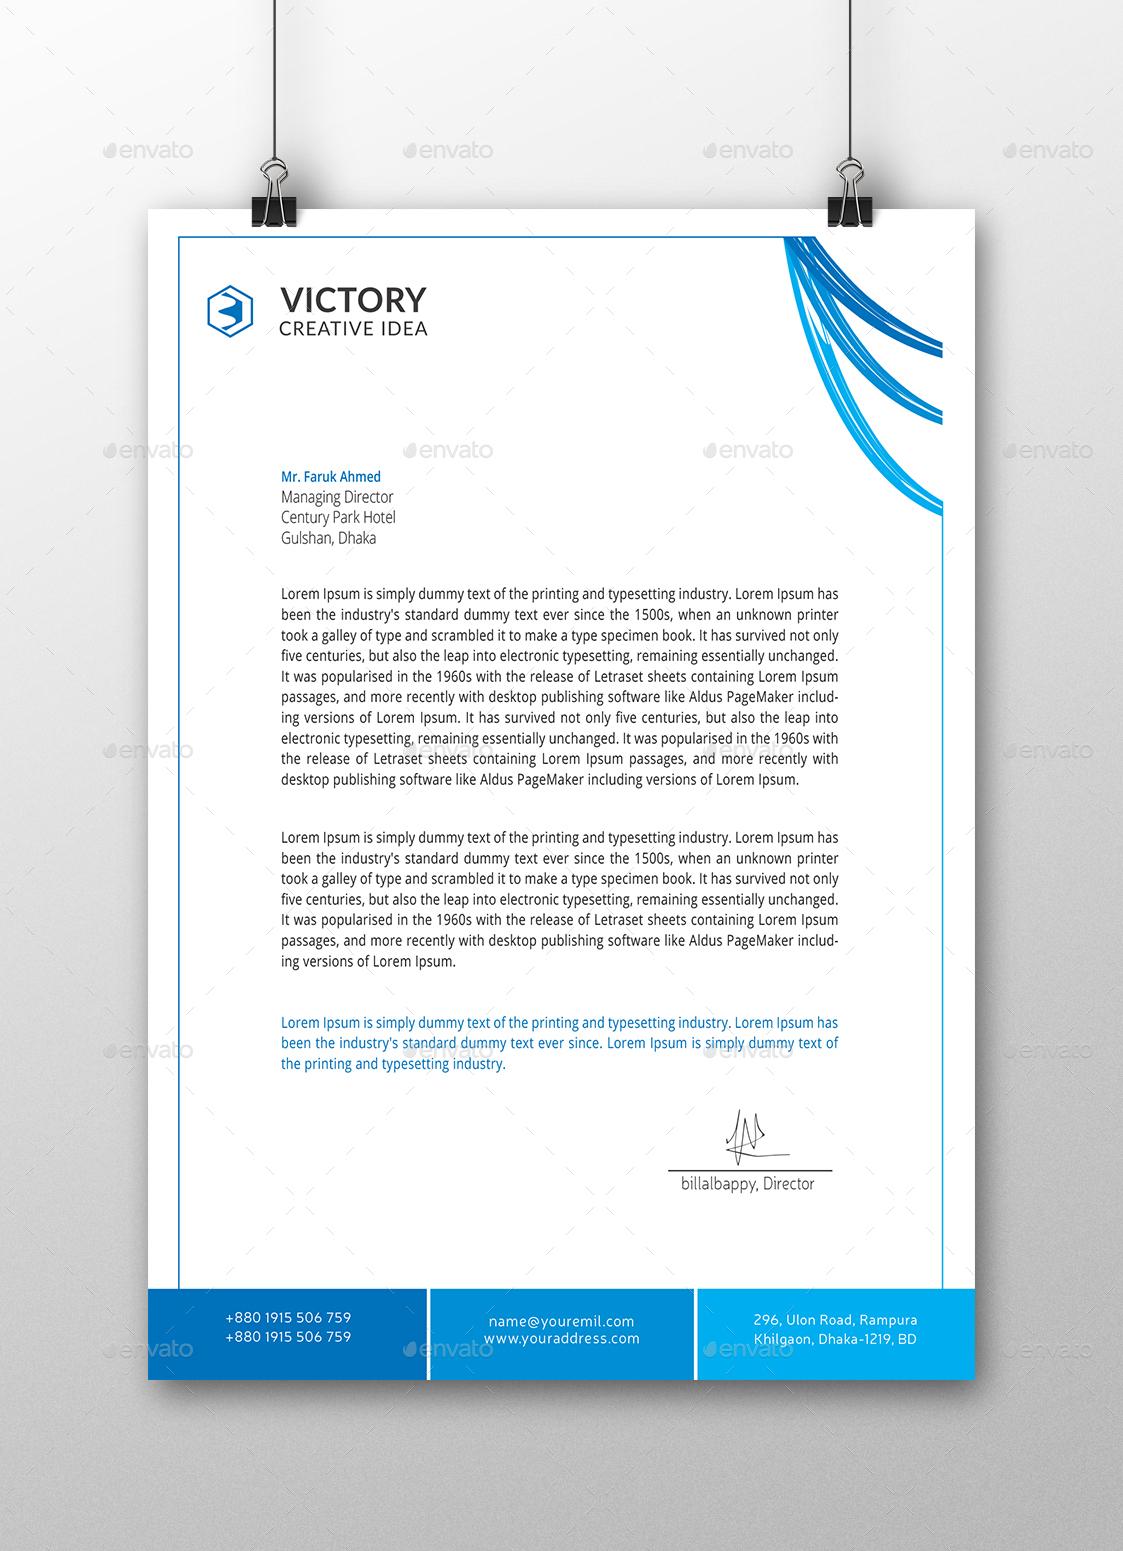 Corporate Letterhead by billalbappy – Corporate Letterhead